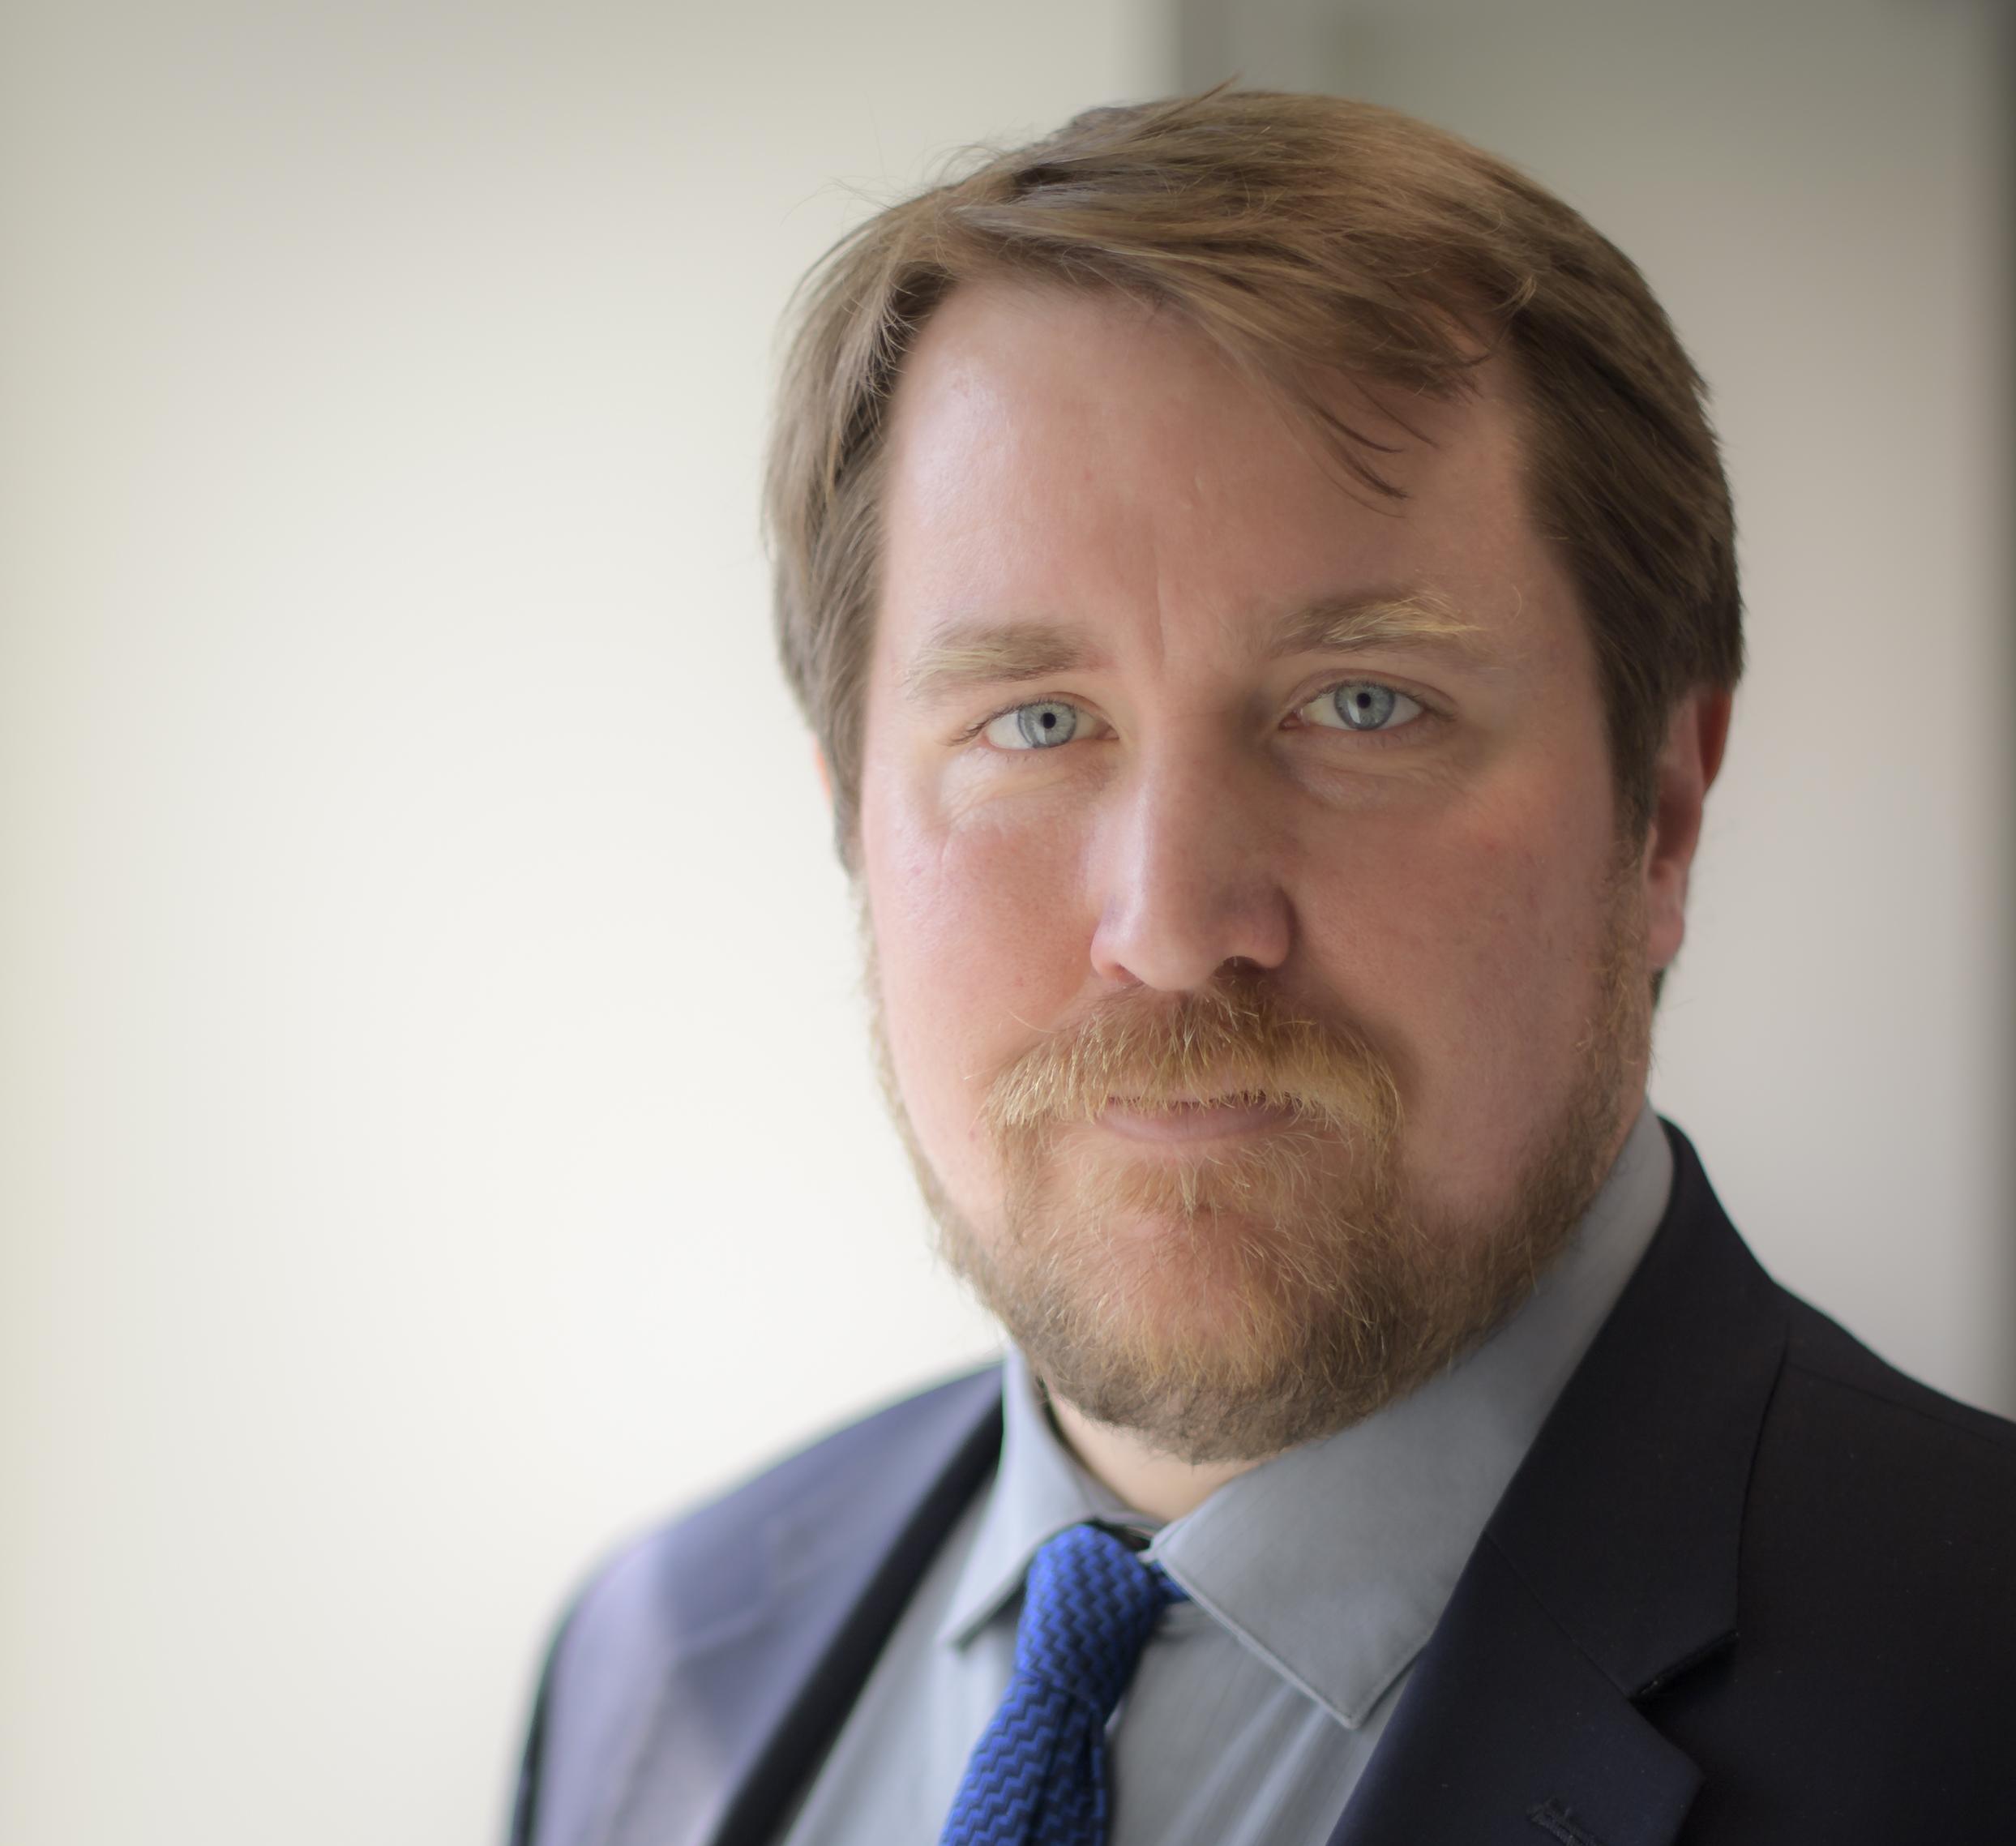 Zach Pirtle Portrait